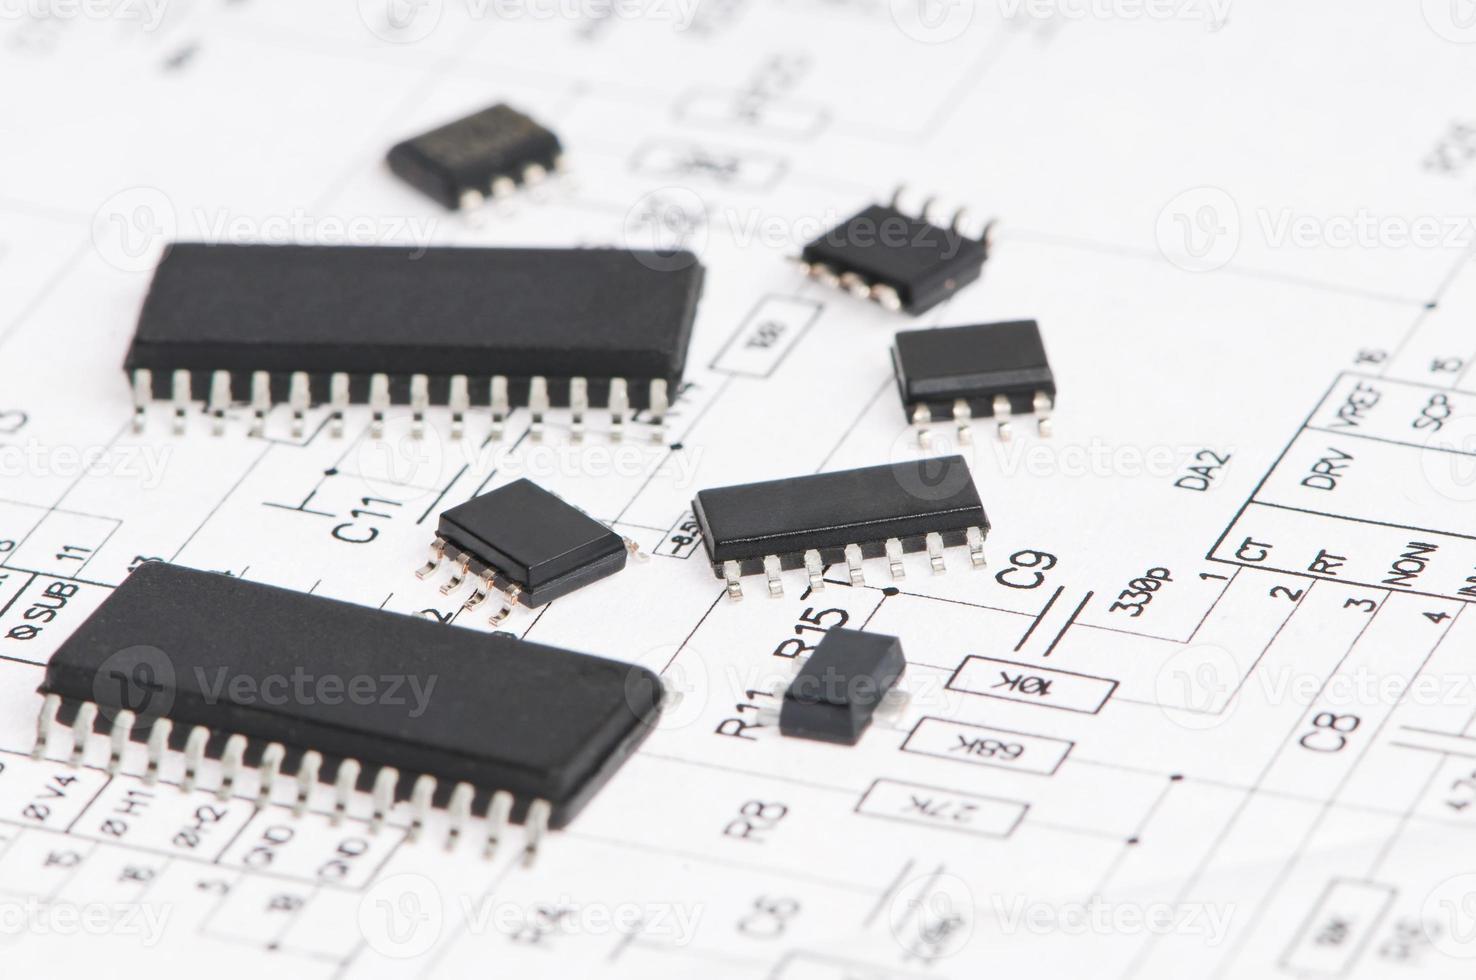 micro-elektronica-element en layout foto